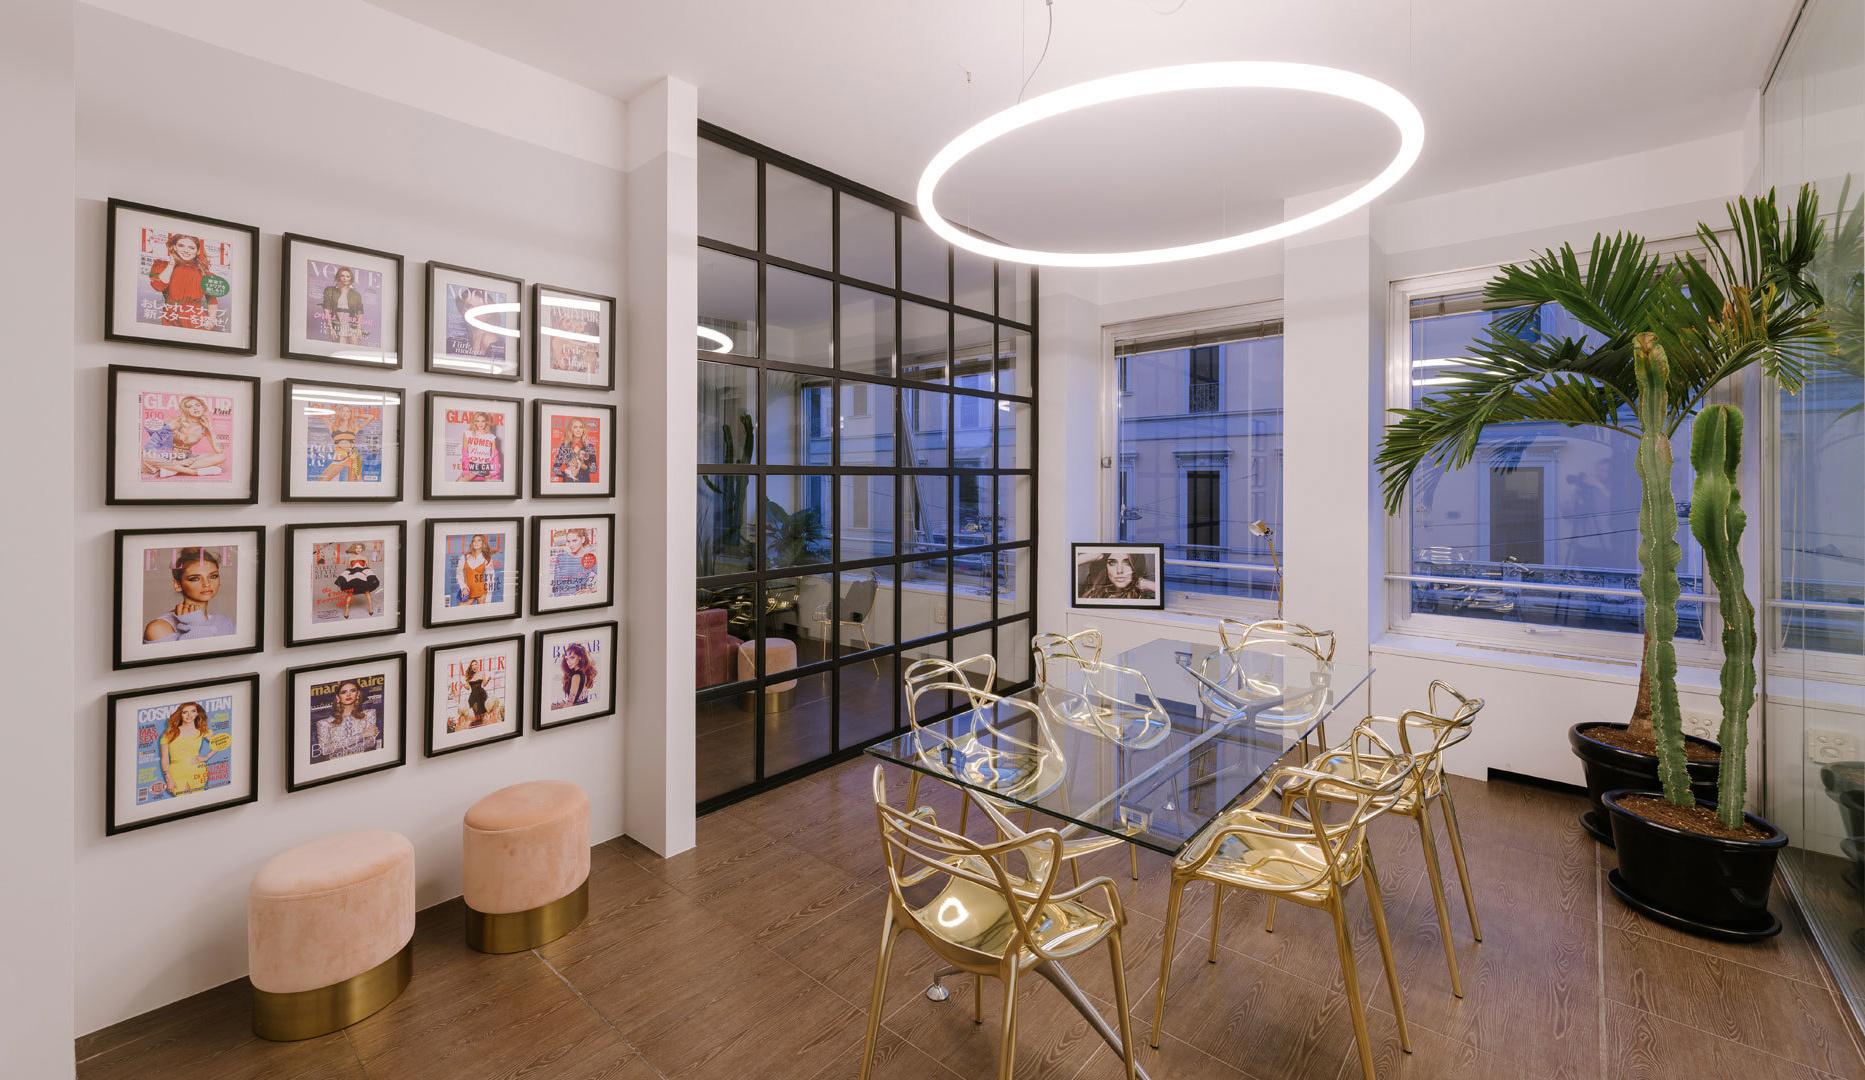 торшер, современные обои, дизайнерские обои, модные обои, модный интерьер, интерьер офиса, топ объект, topobject, top object, artemide, wall and deco, итальянский дизайн, дизайн интерьера, розовый интерьер, серый интерьер, серый цвет в интерьере, серо розовый, освещение, итальянские светильники, итальянские обои, подвесной светильник, обои калининград, светильники калининград, купить обои